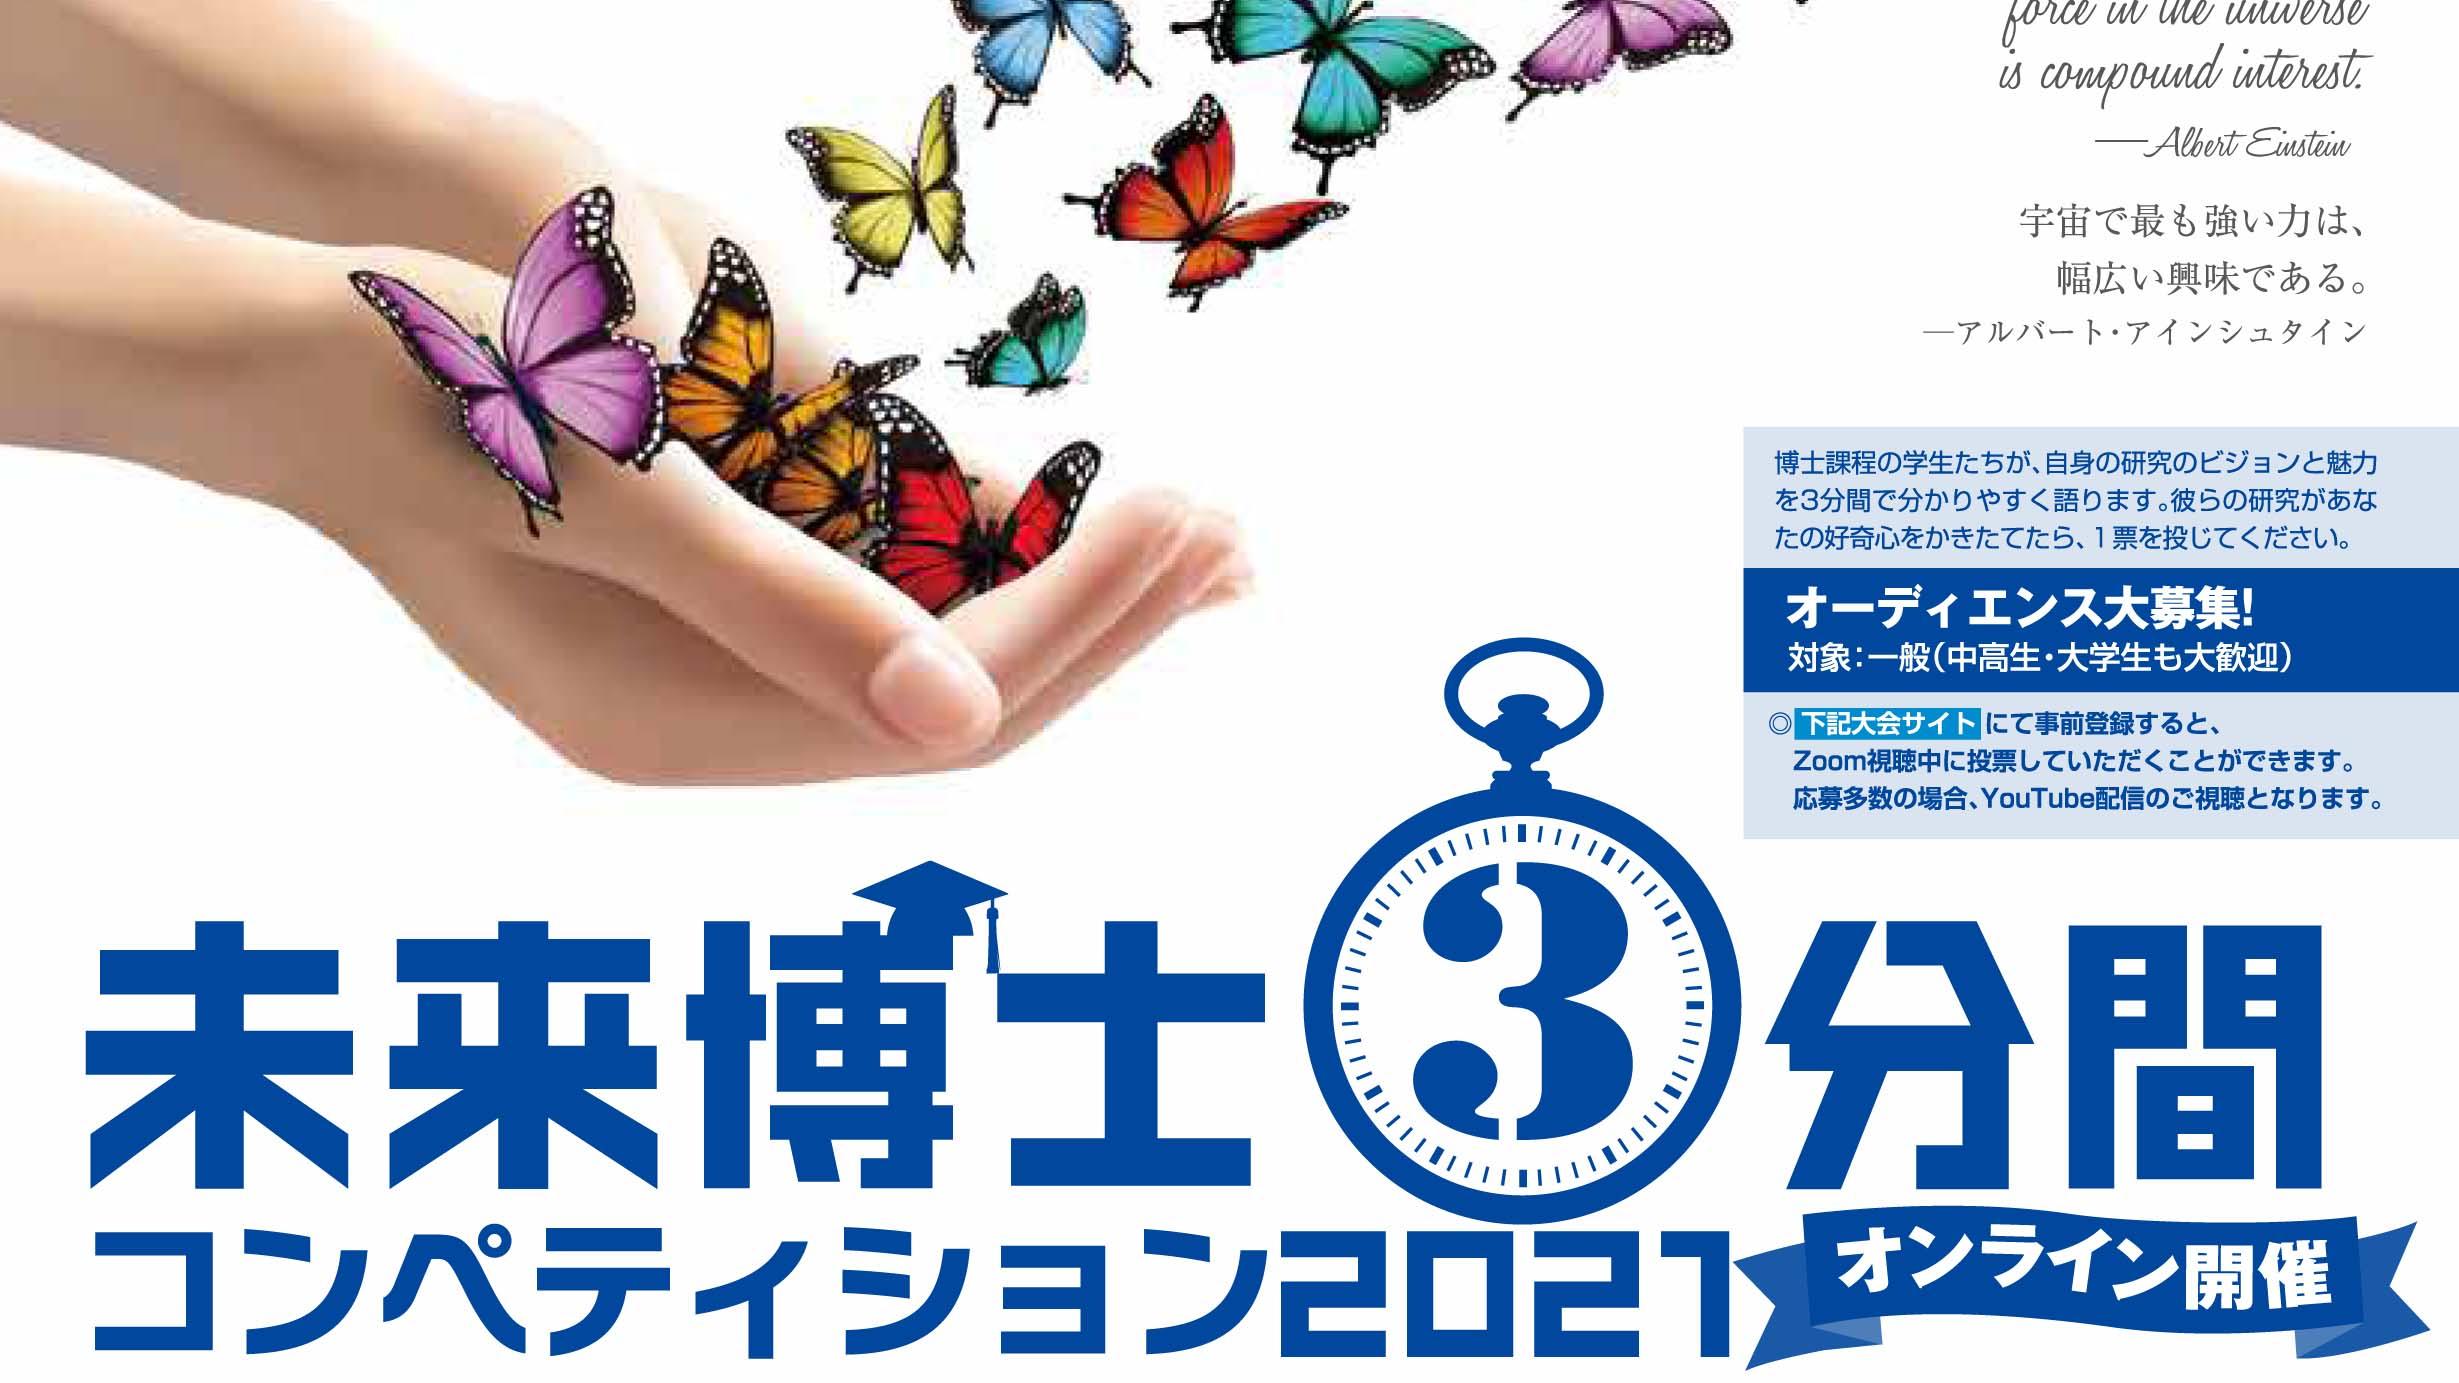 光システム工学コース・博士後期課程の渡辺智貴さんが「未来博士3分間コンペティション2021」のファイナリストに選ばれました